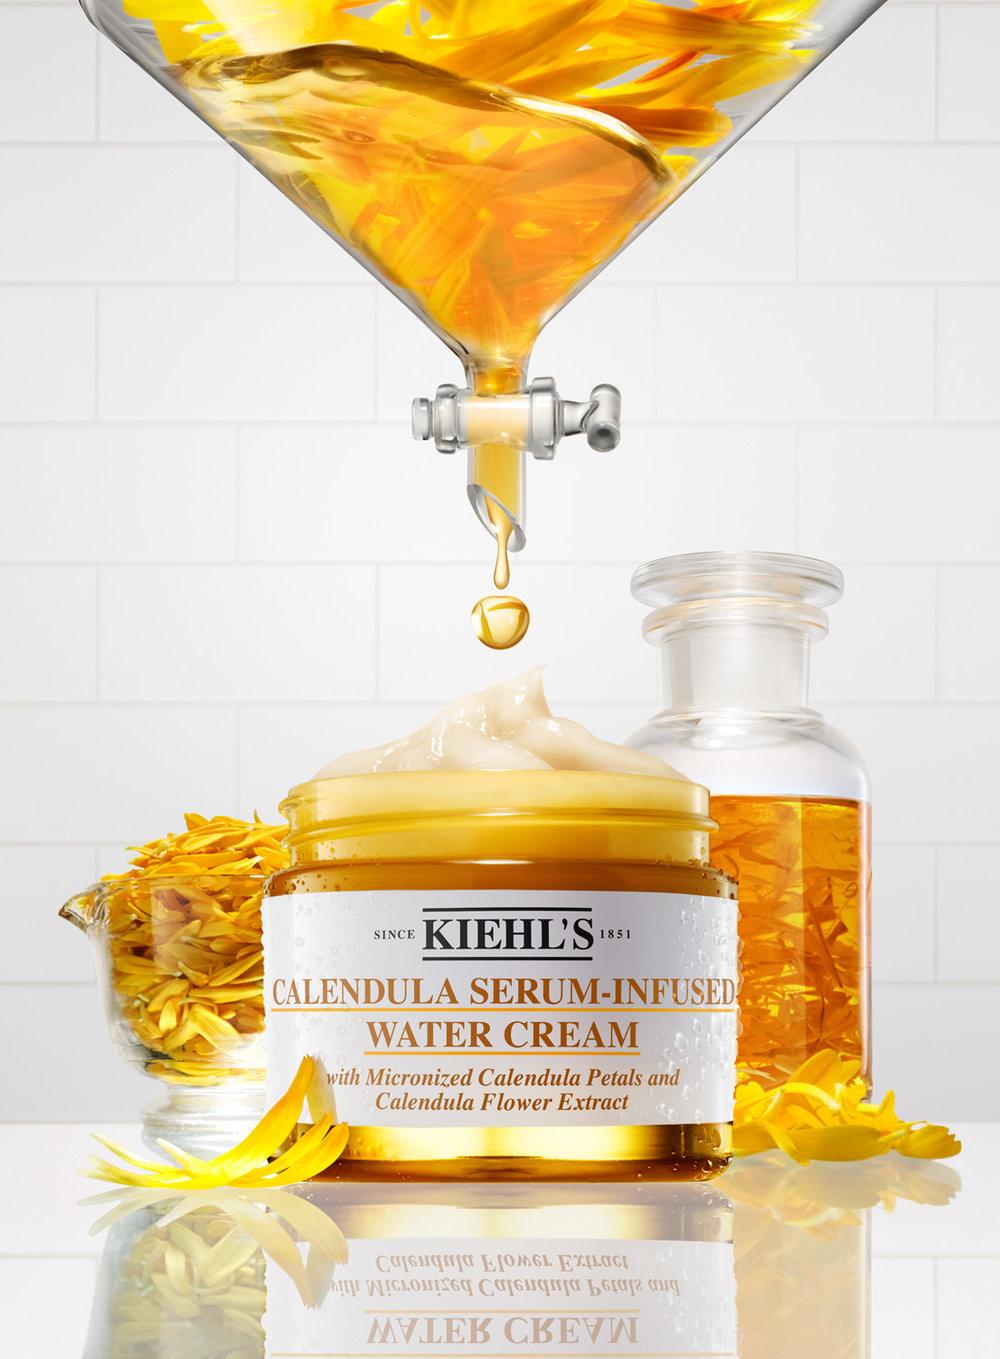 �ล�าร���หารู��า�สำหรั� kiehl's calendula serum infused water cream